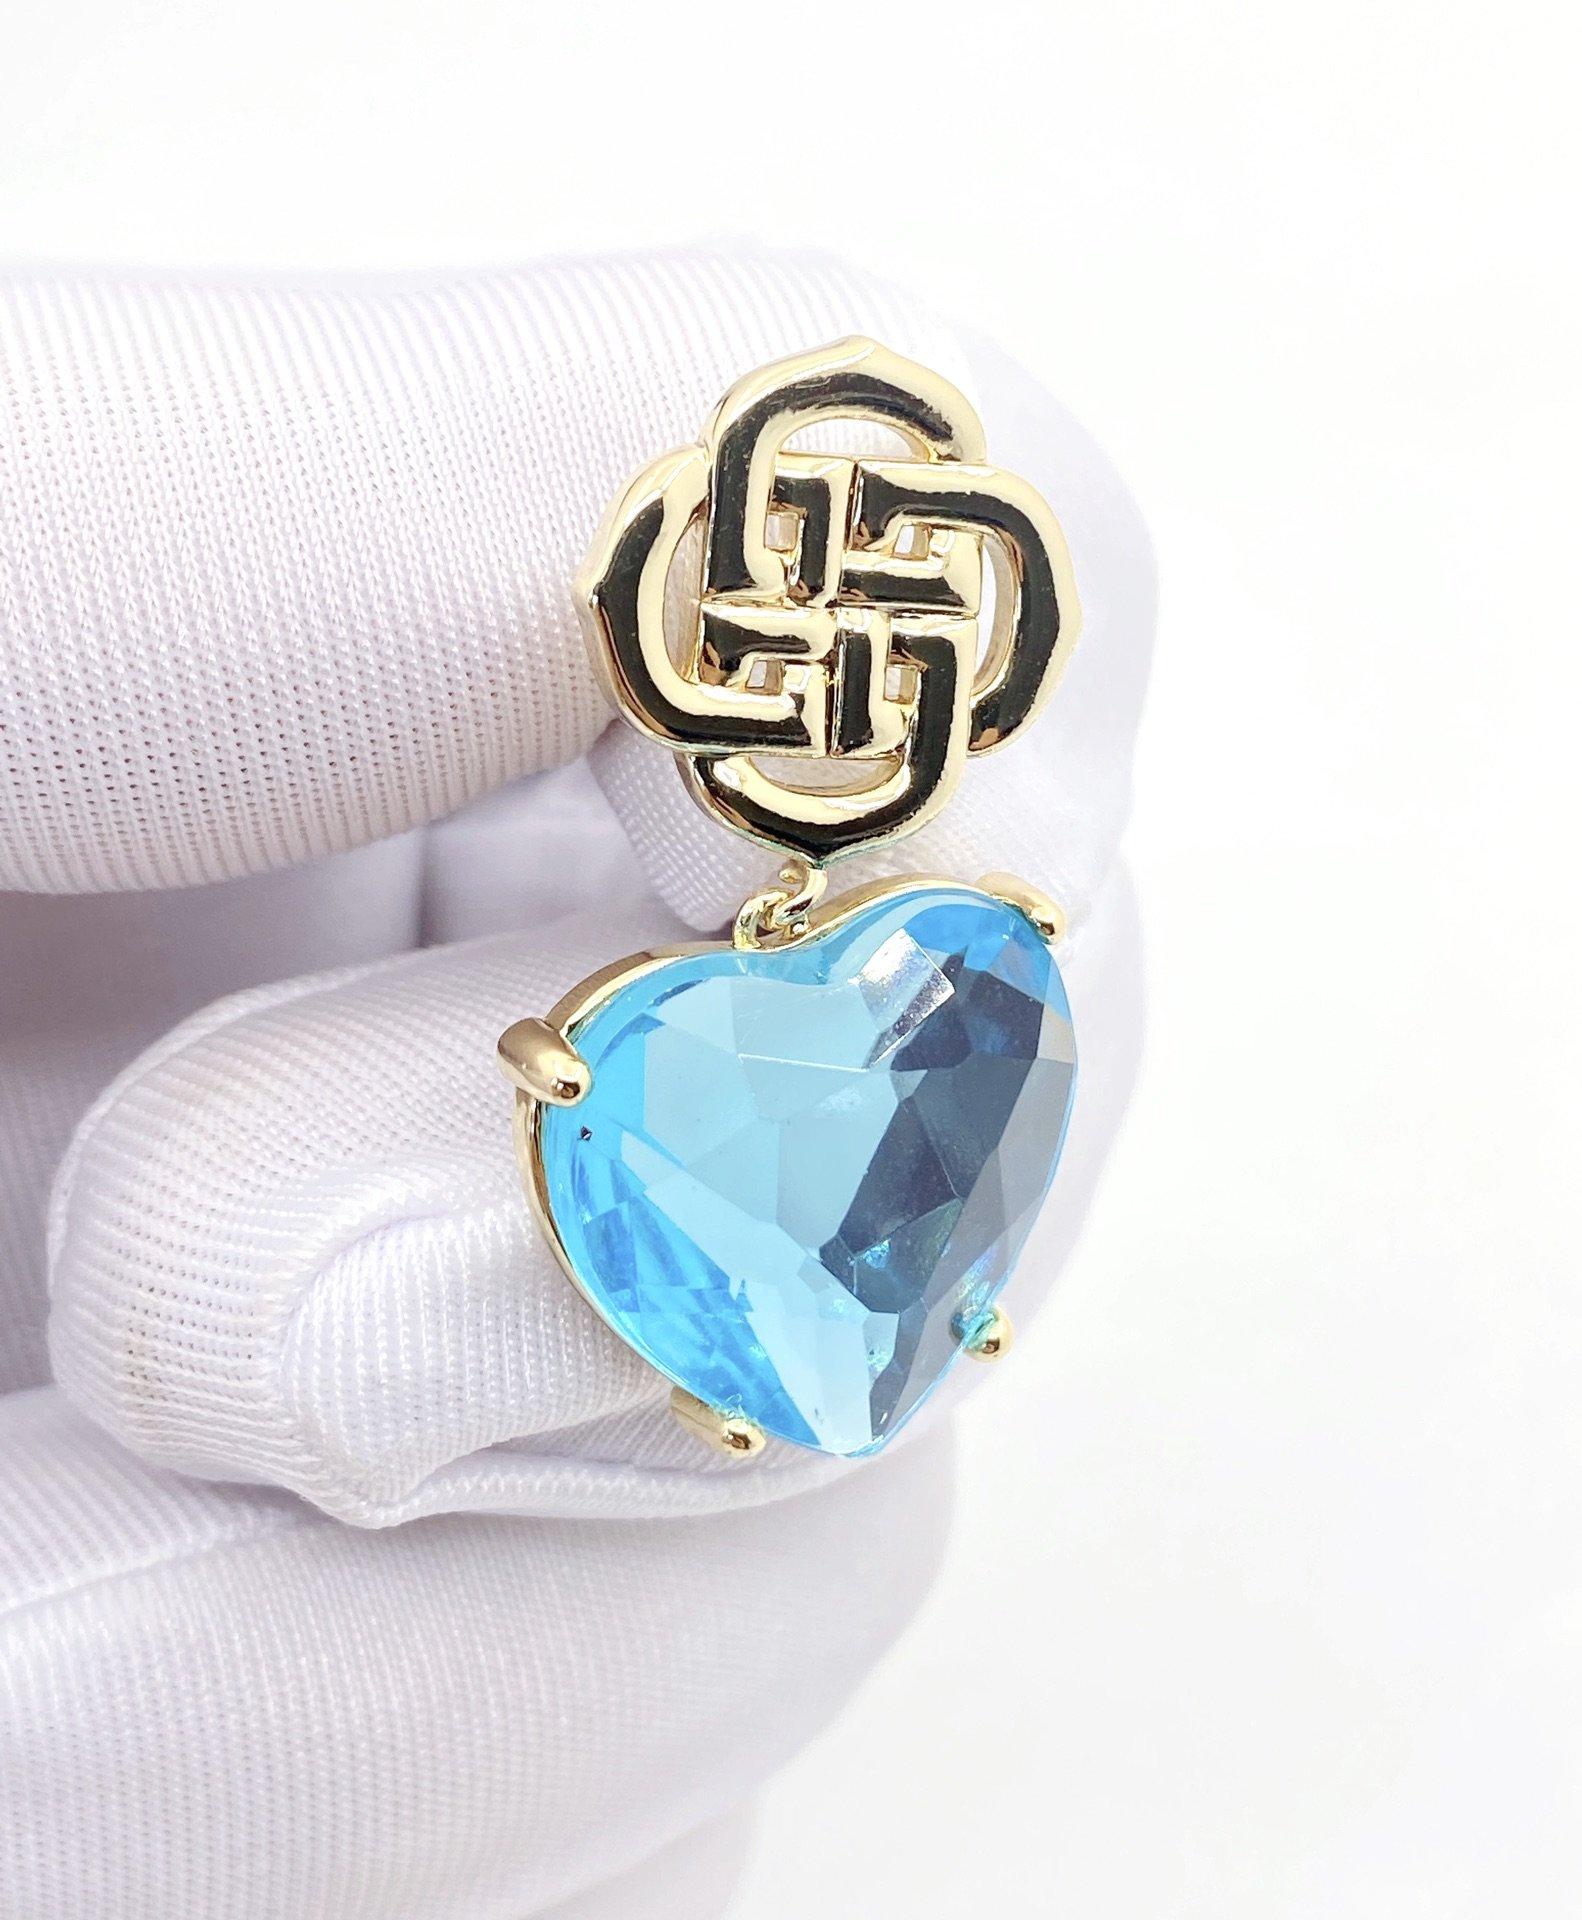 DIXI爱心蓝色水晶耳钉